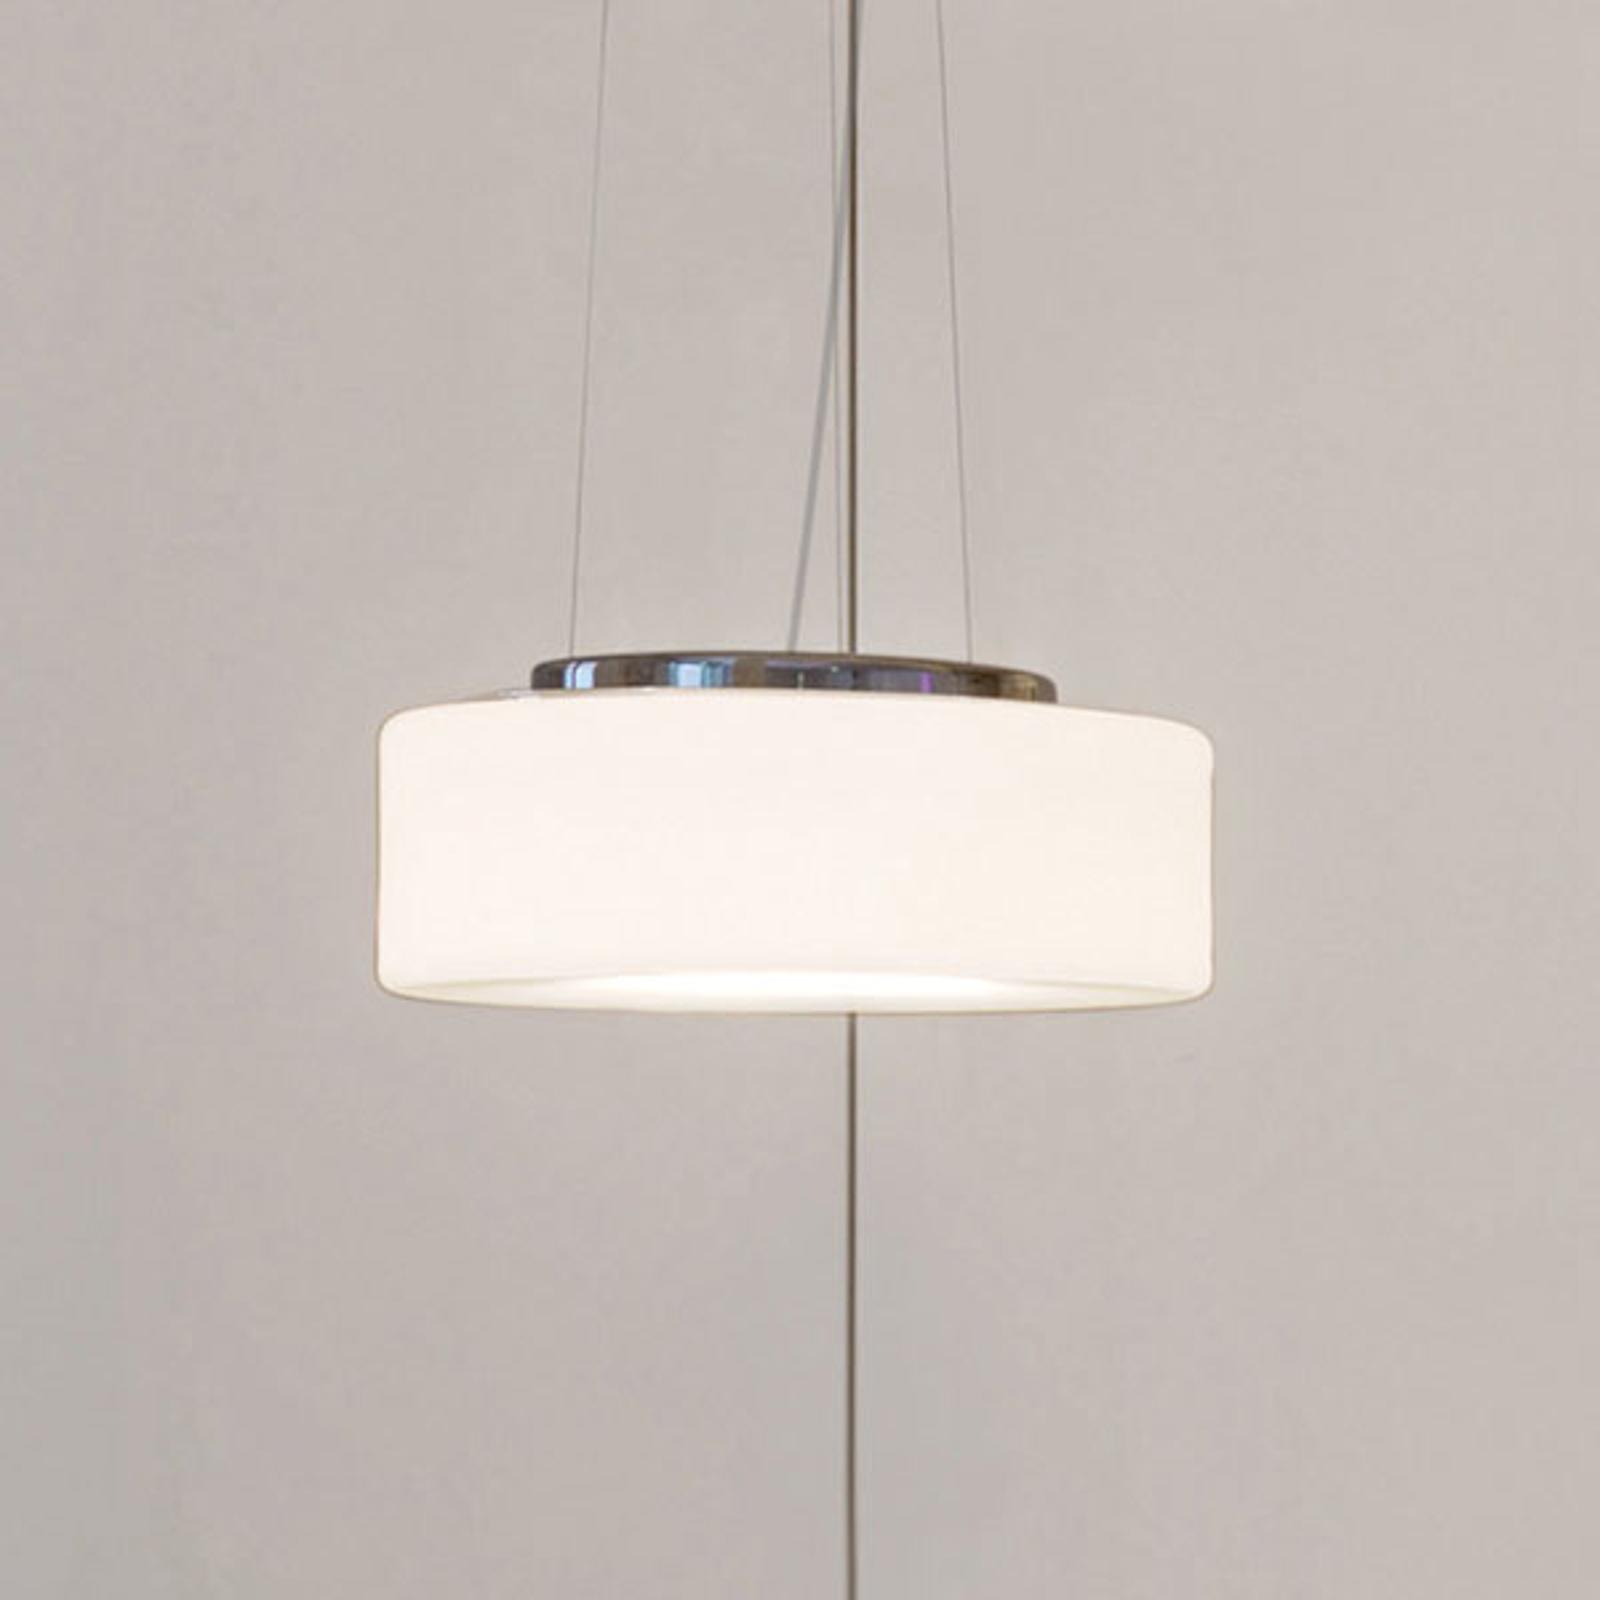 serien.lighting Curling S Pendel 927 Triac opal